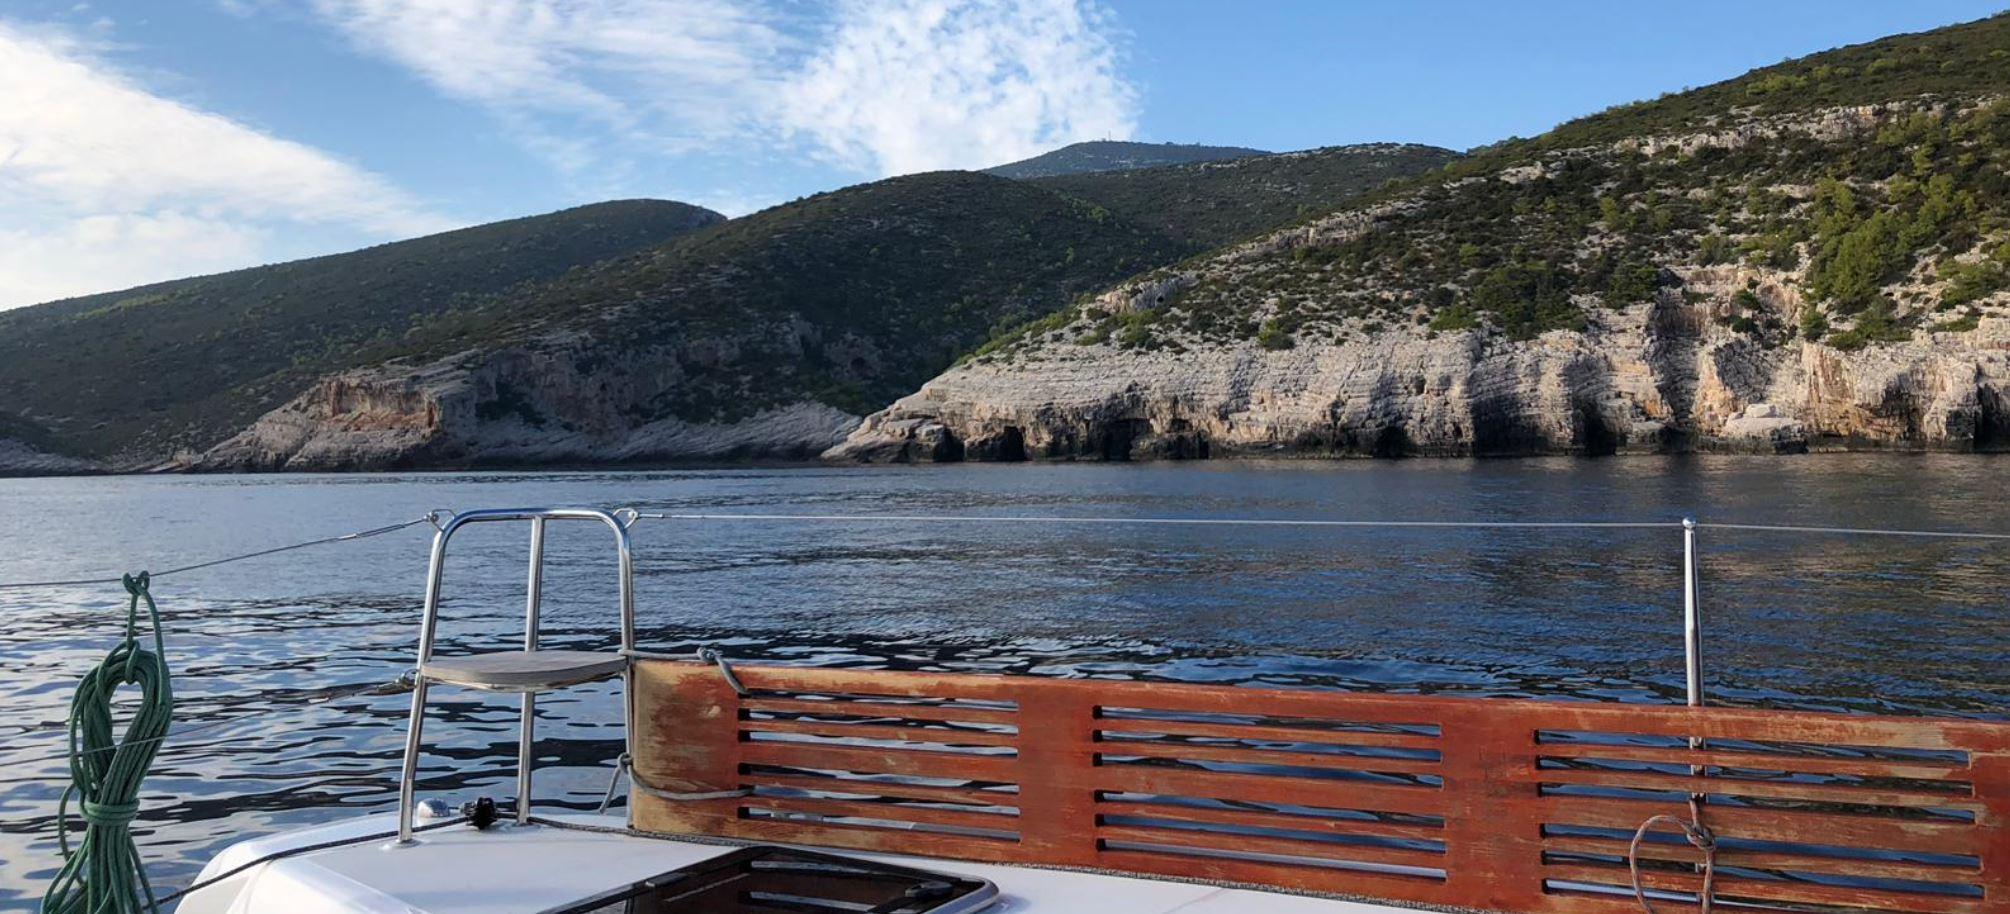 Segelurlaub Anfaht in der nächste Bucht